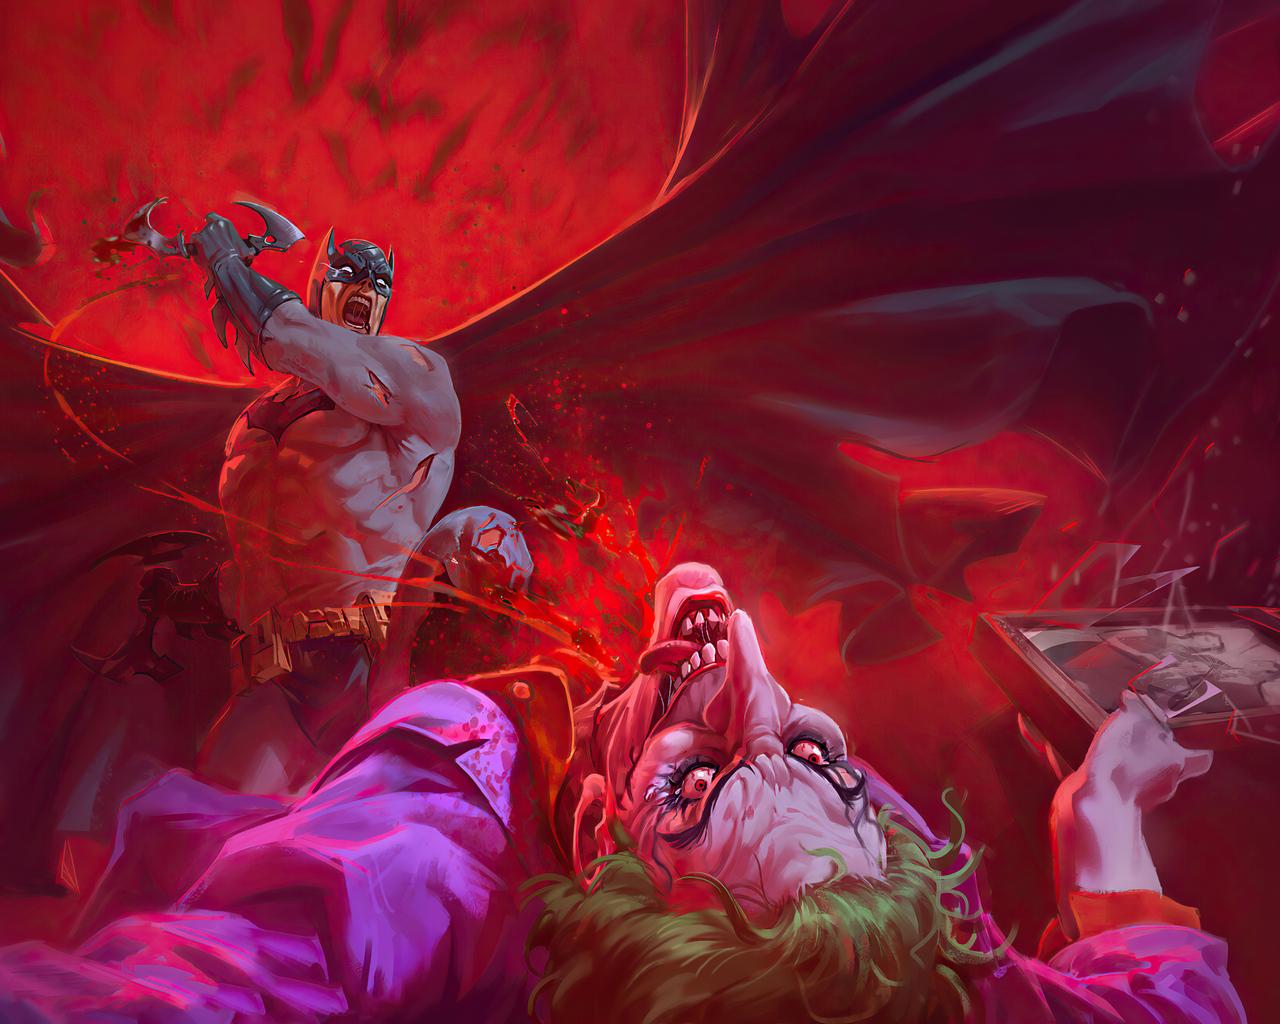 batman-v-joker-4k-xg.jpg